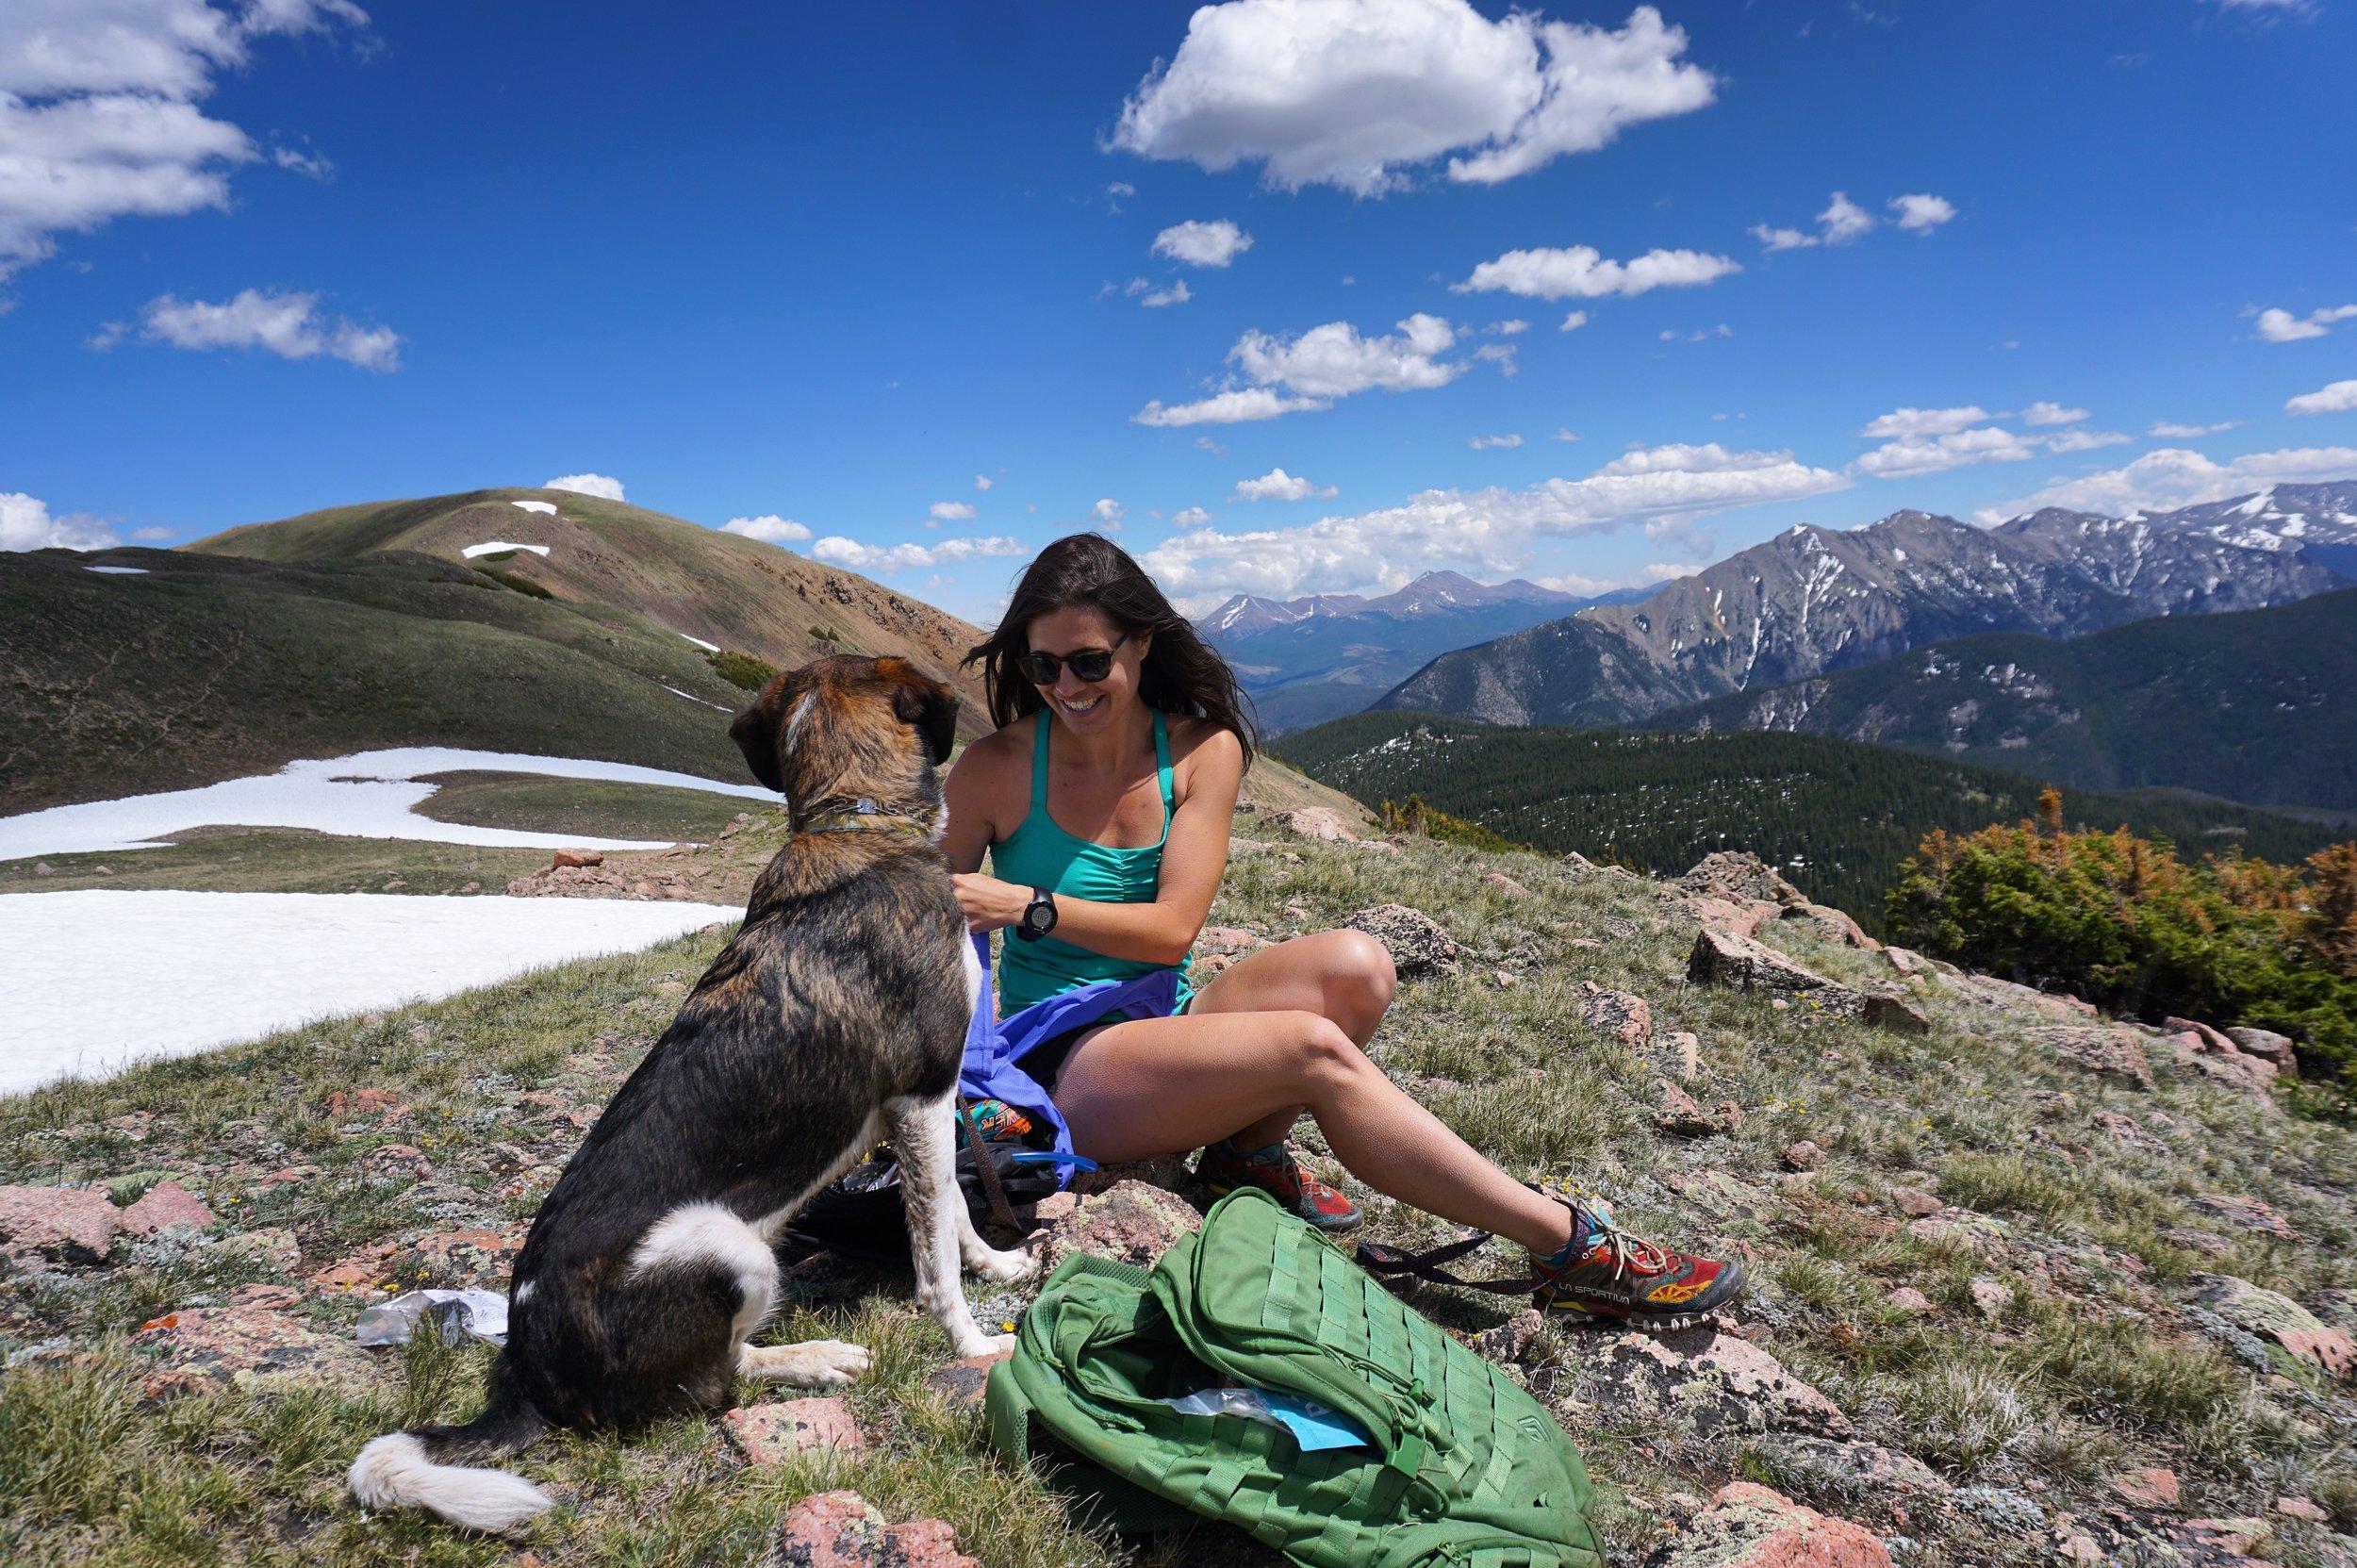 Summit Dog - Emily Olsen.JPG